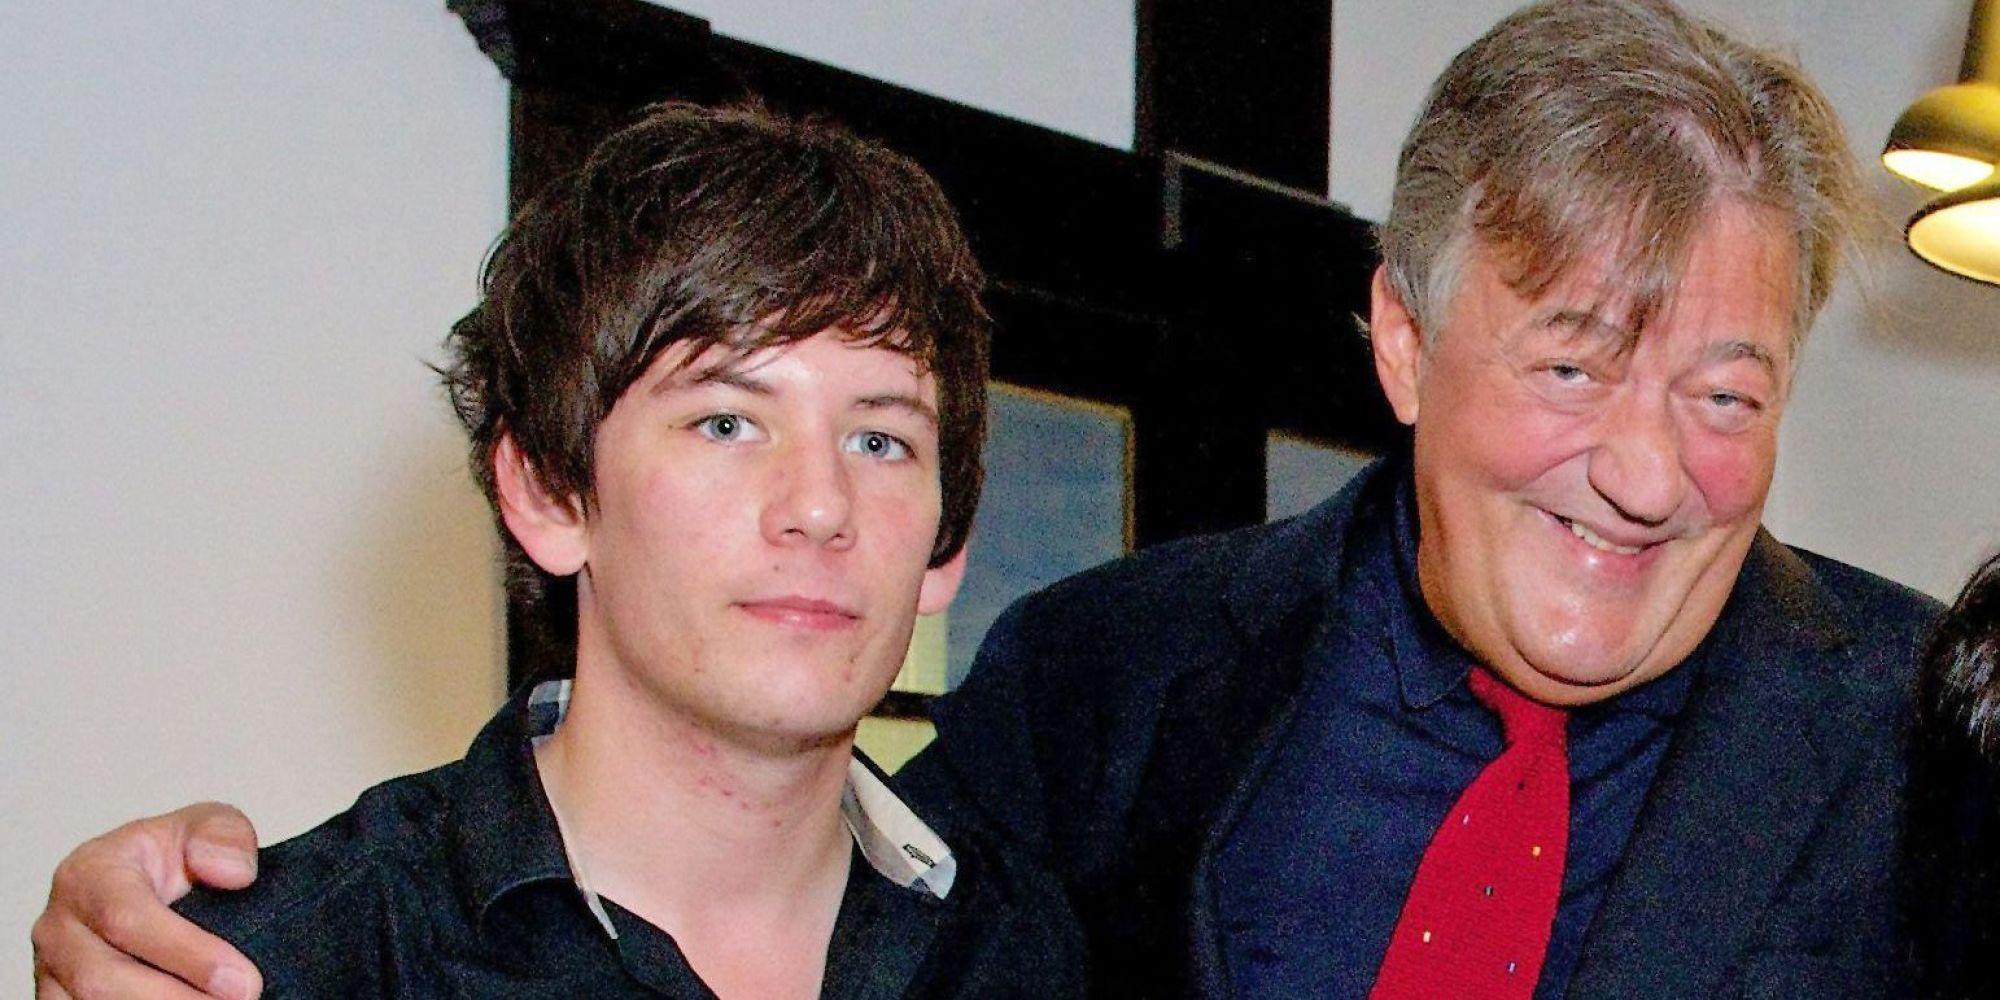 Jake Elliott Actor >> Stephen Fry To Marry His 27-Year-Old Partner Elliott Spencer | HuffPost UK